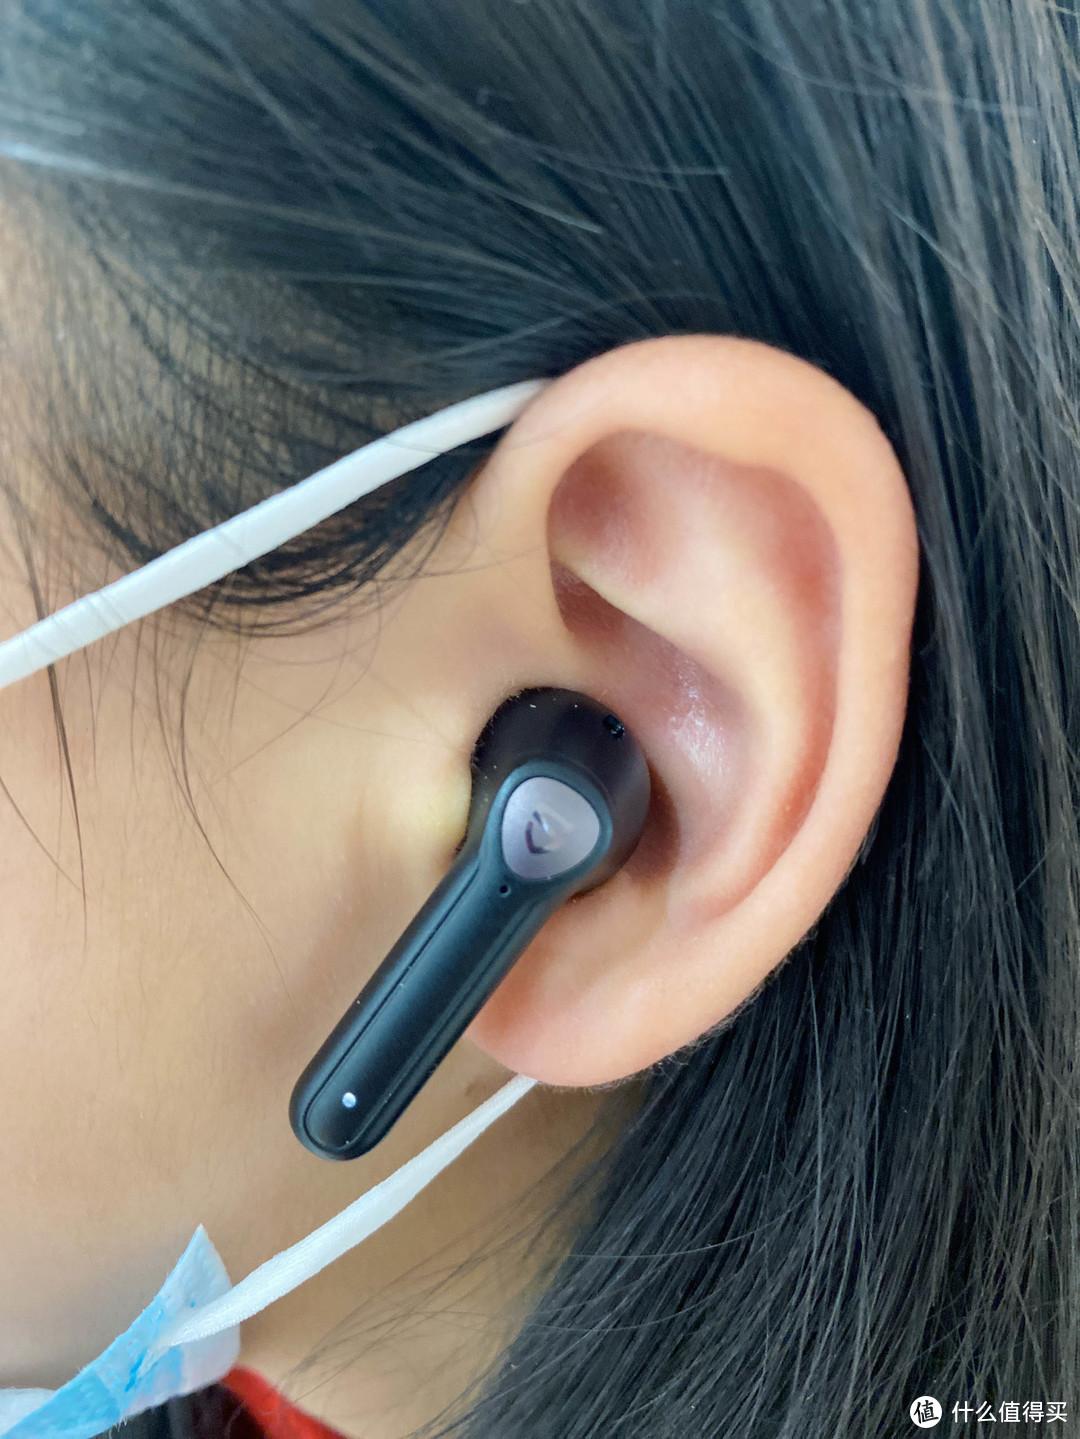 追剧就要一口气,全靠SoundPEATS泥炭TrueAir2+无线蓝牙耳机